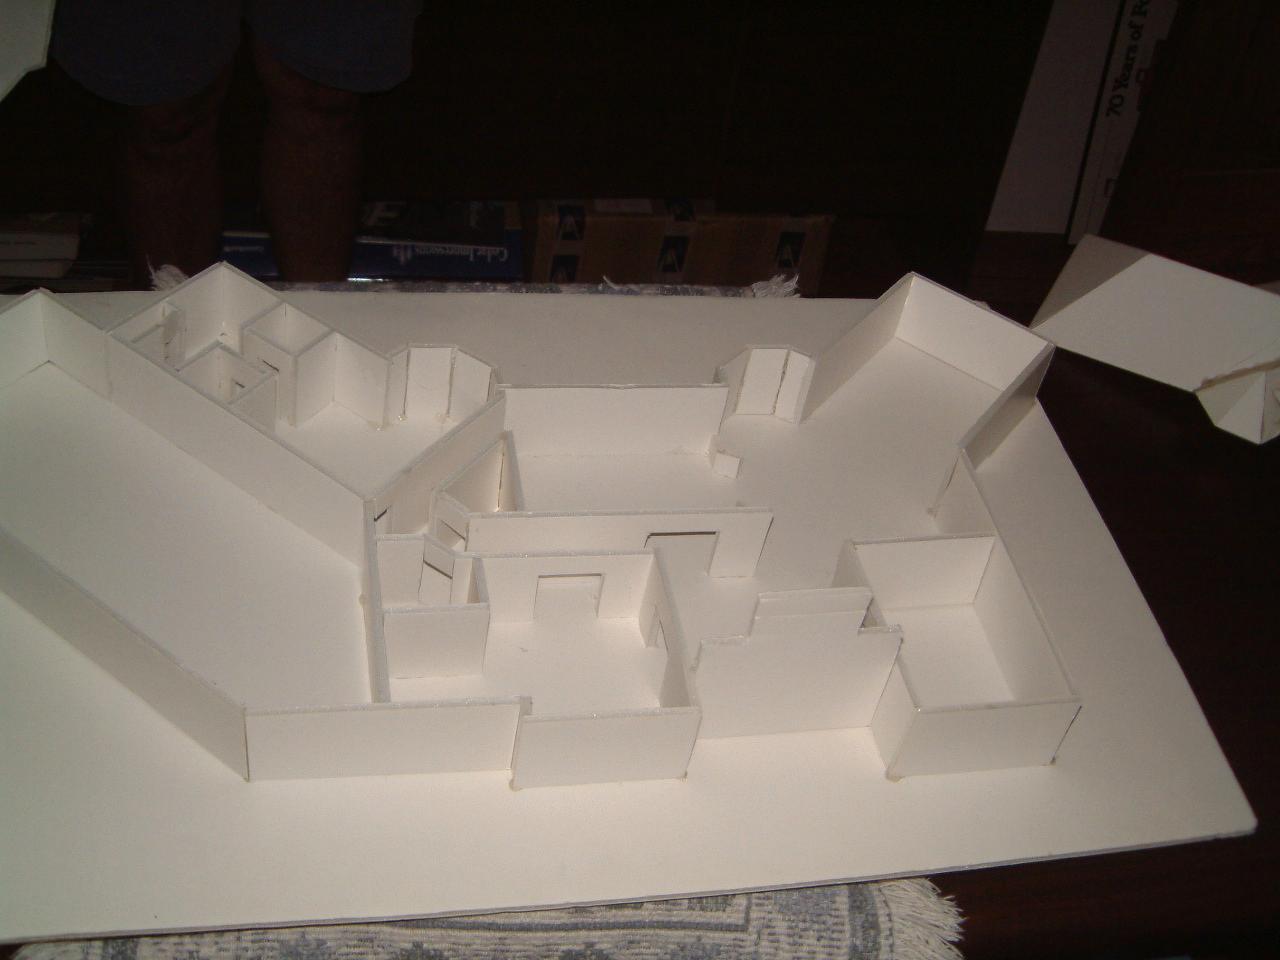 Client built model